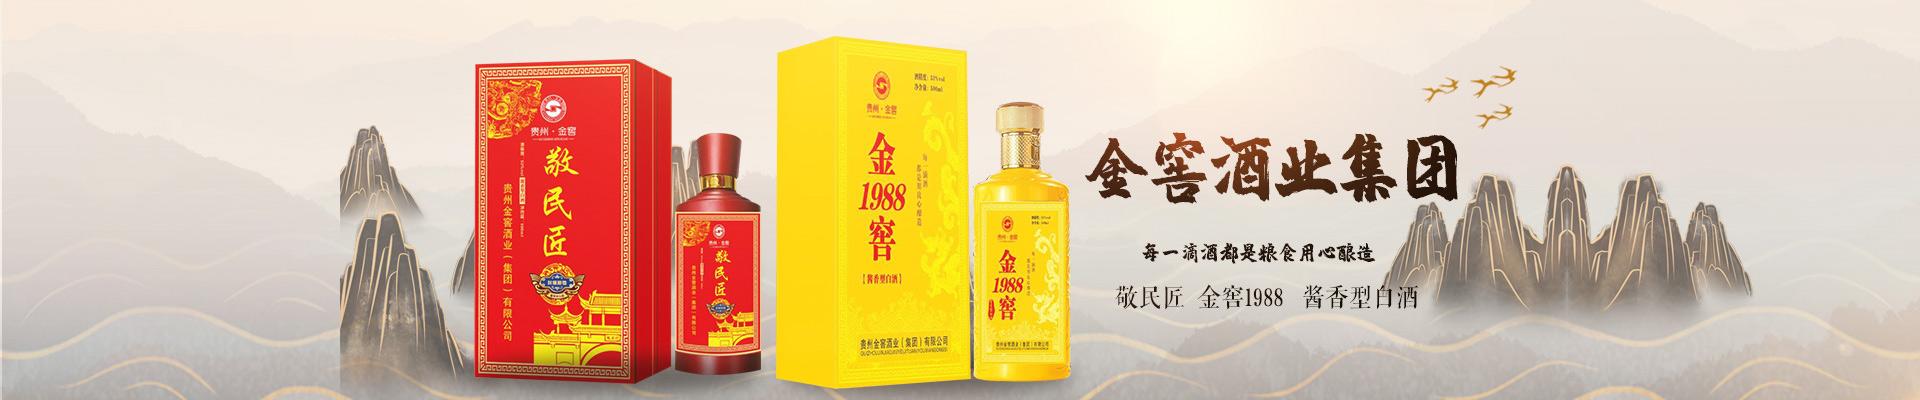 贵州金窖酒业(集团)有限公司